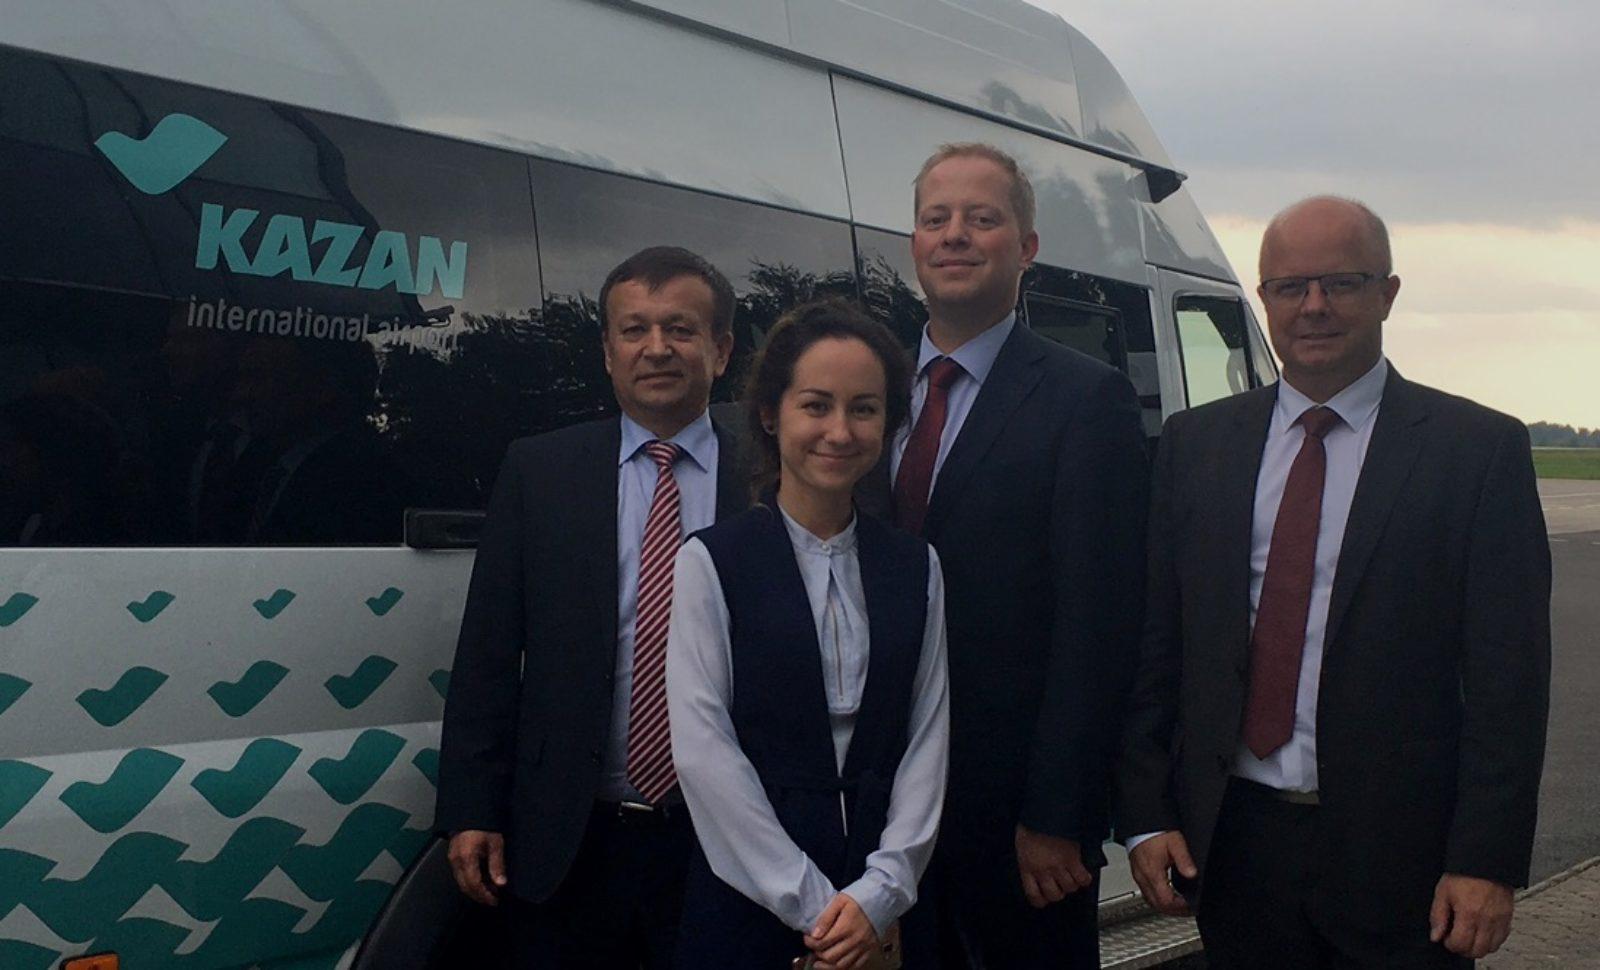 Kontakte in Russland vertiefen und ausbauen: Mitteldeutsches Logistiknetzwerk in Tatarstan vorgestellt